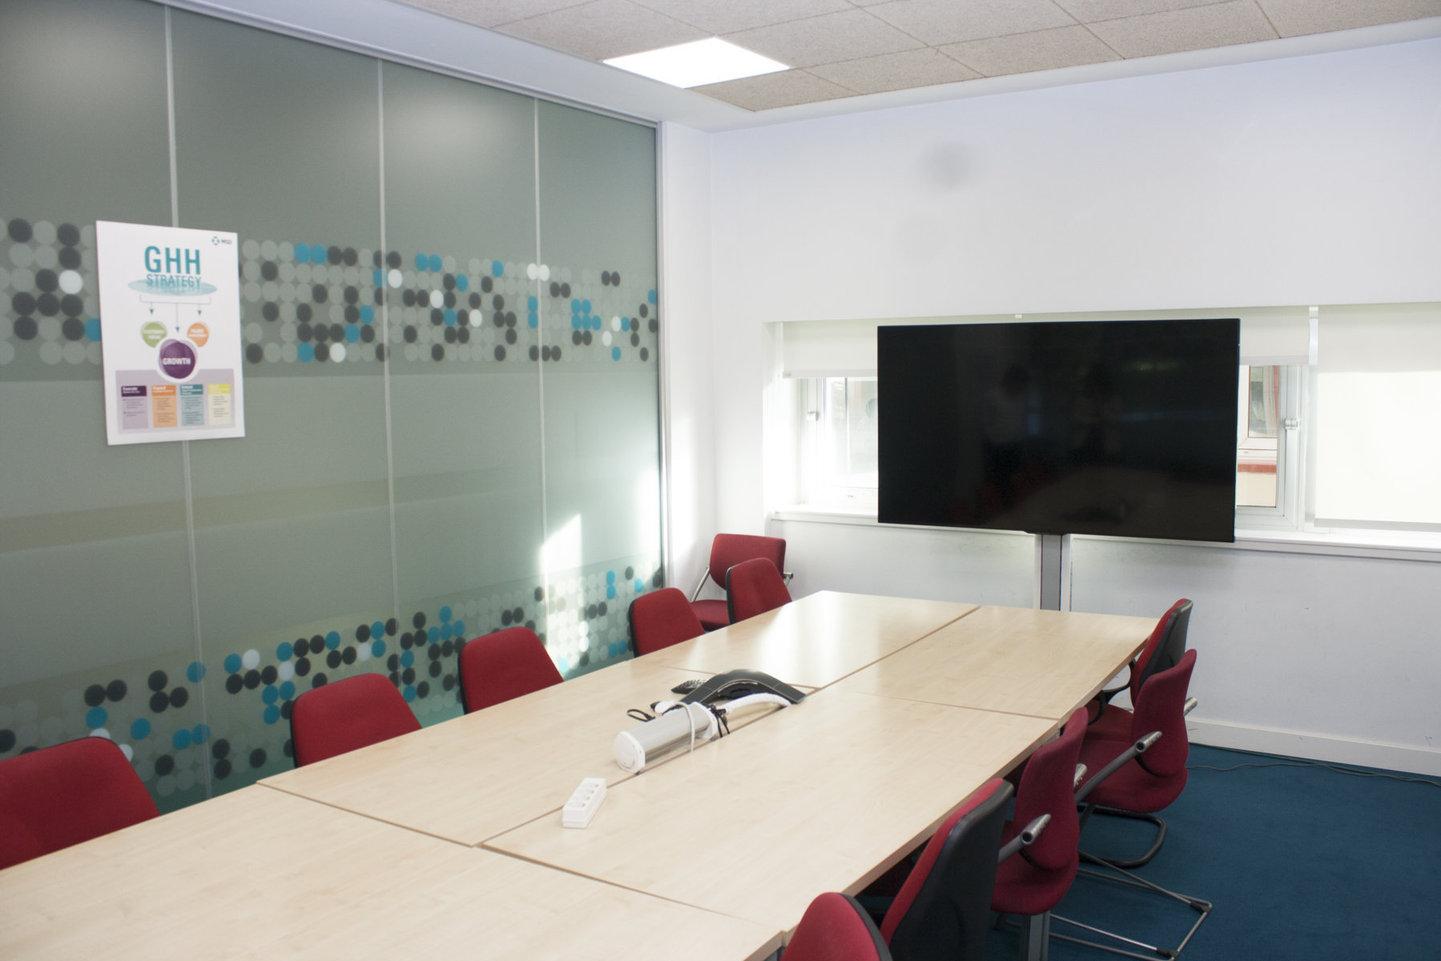 Charmex equipa el laboratorio MSD con soluciones de colaboración wePresent y monitores Sharp